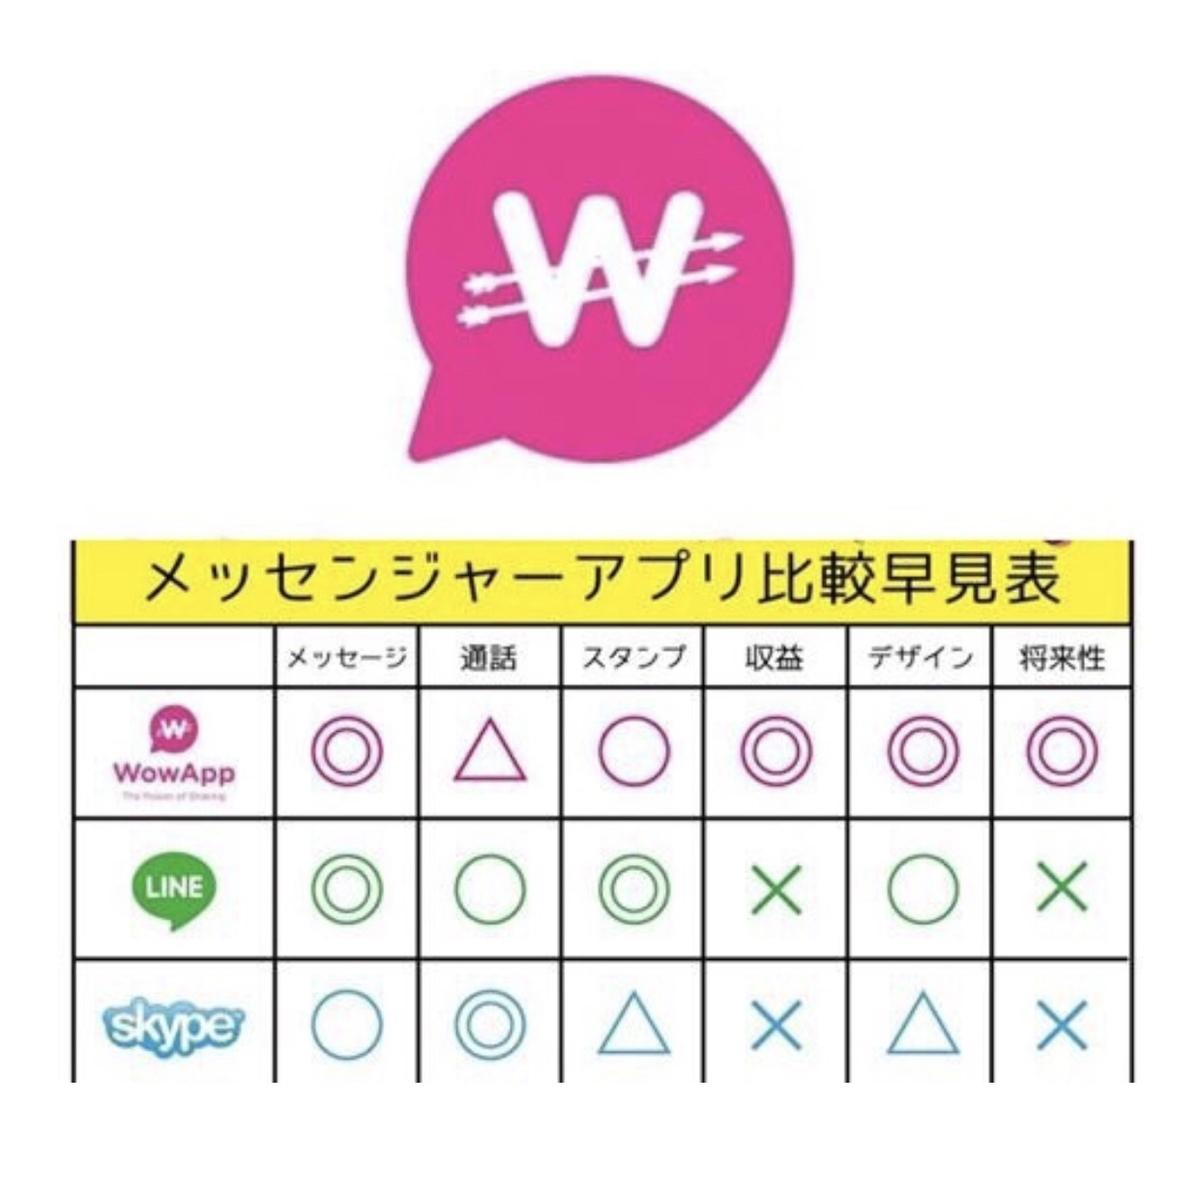 f:id:kaoruikeda:20210402054626j:plain